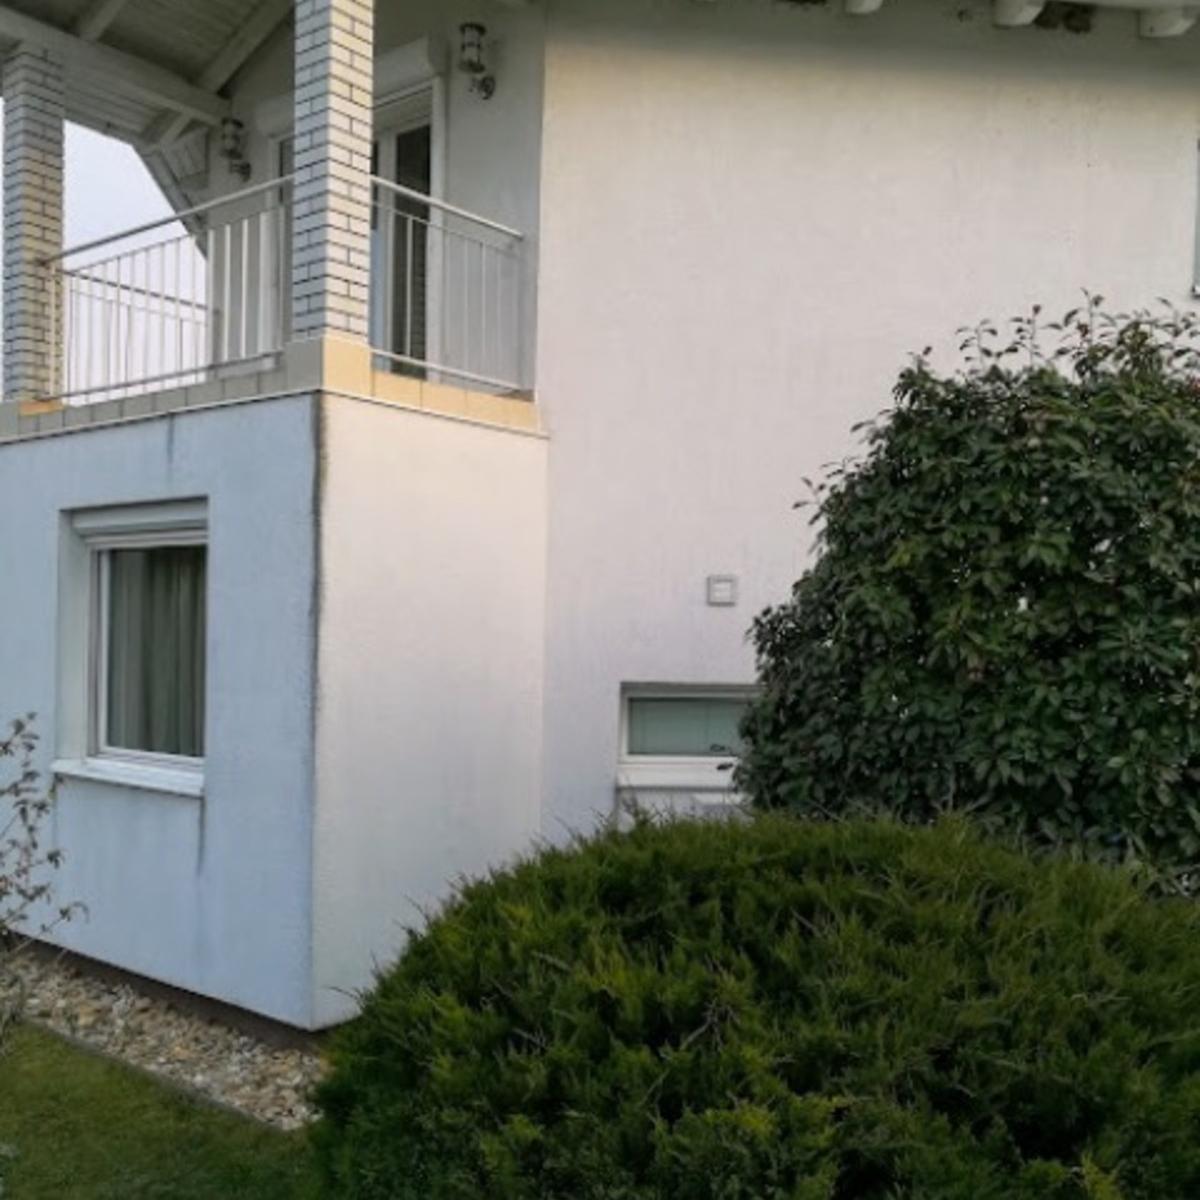 Kiadó  ikerház (Pest megye, Budakeszi) 325 E  Ft/hó